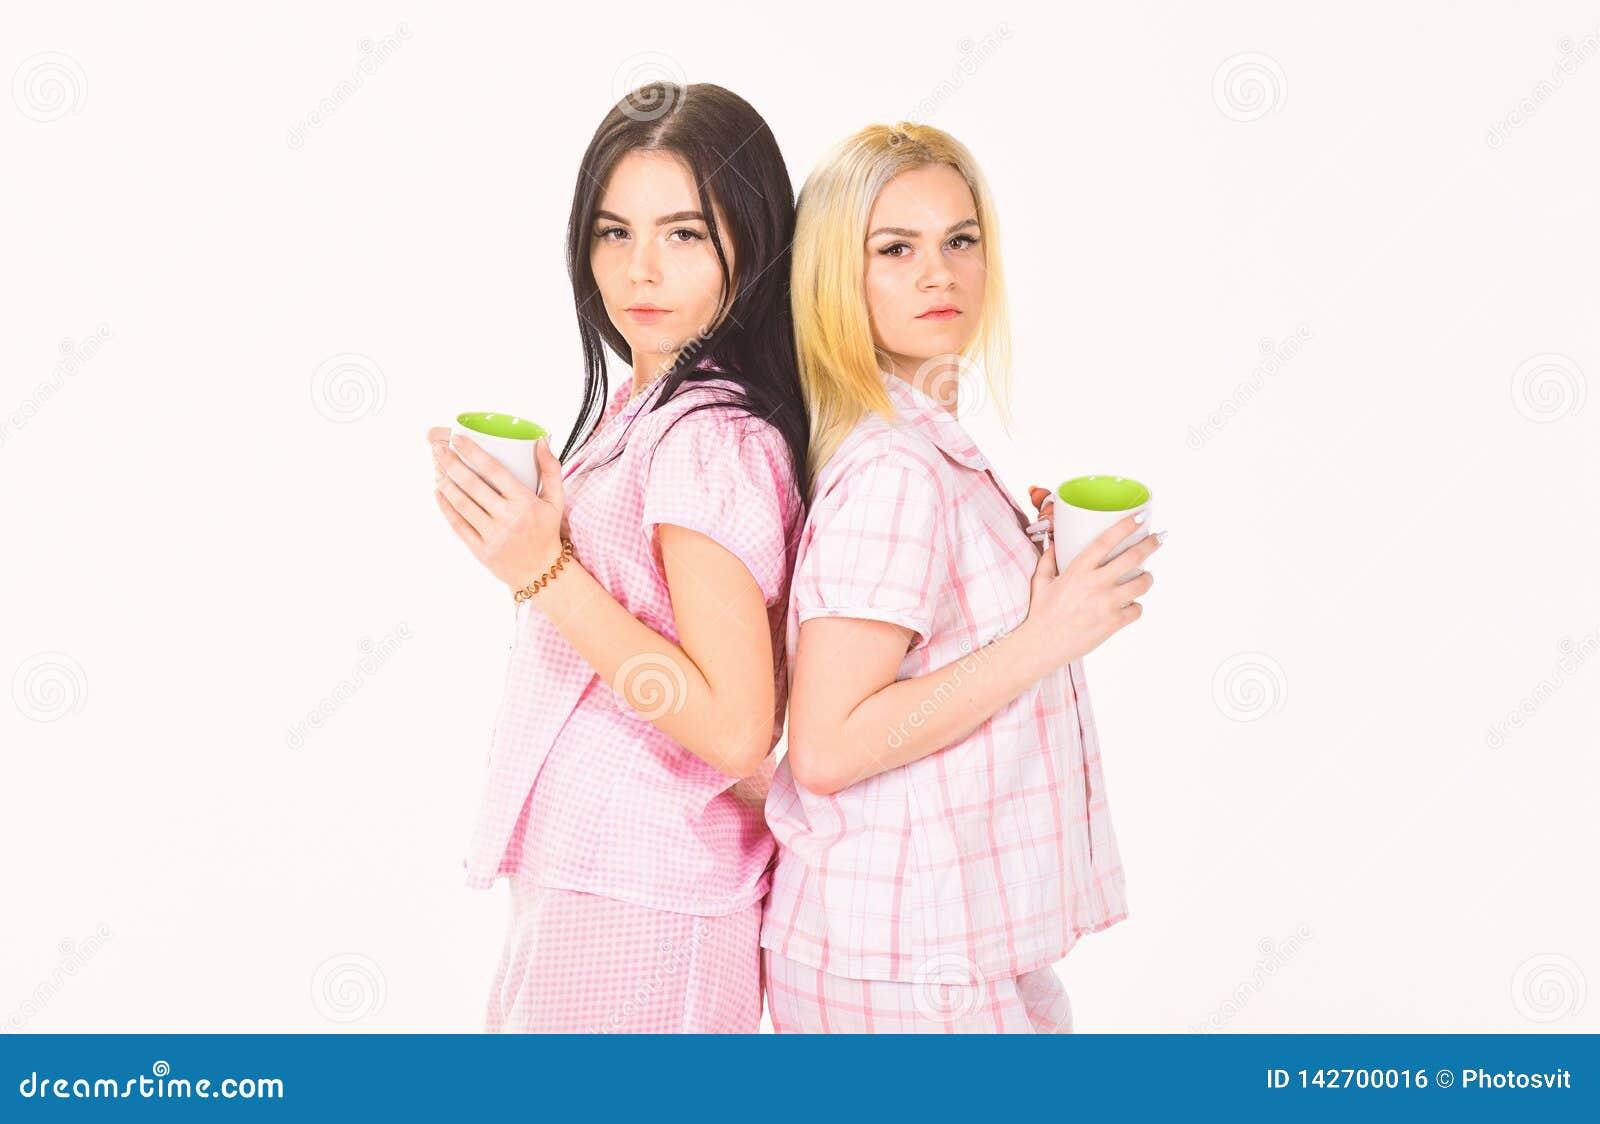 Έννοια καφέ πρωινού Ξανθός και brunette στα νυσταλέα πρόσωπα κρατά τις κούπες με τον καφέ Αδελφές ή καλύτεροι φίλοι στις πυτζάμες